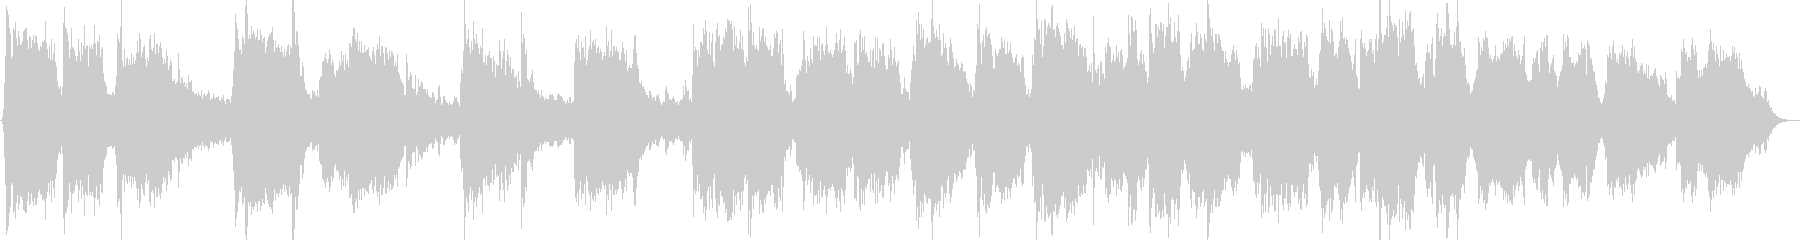 笛とピアノのヒーリング音楽の未再生の波形